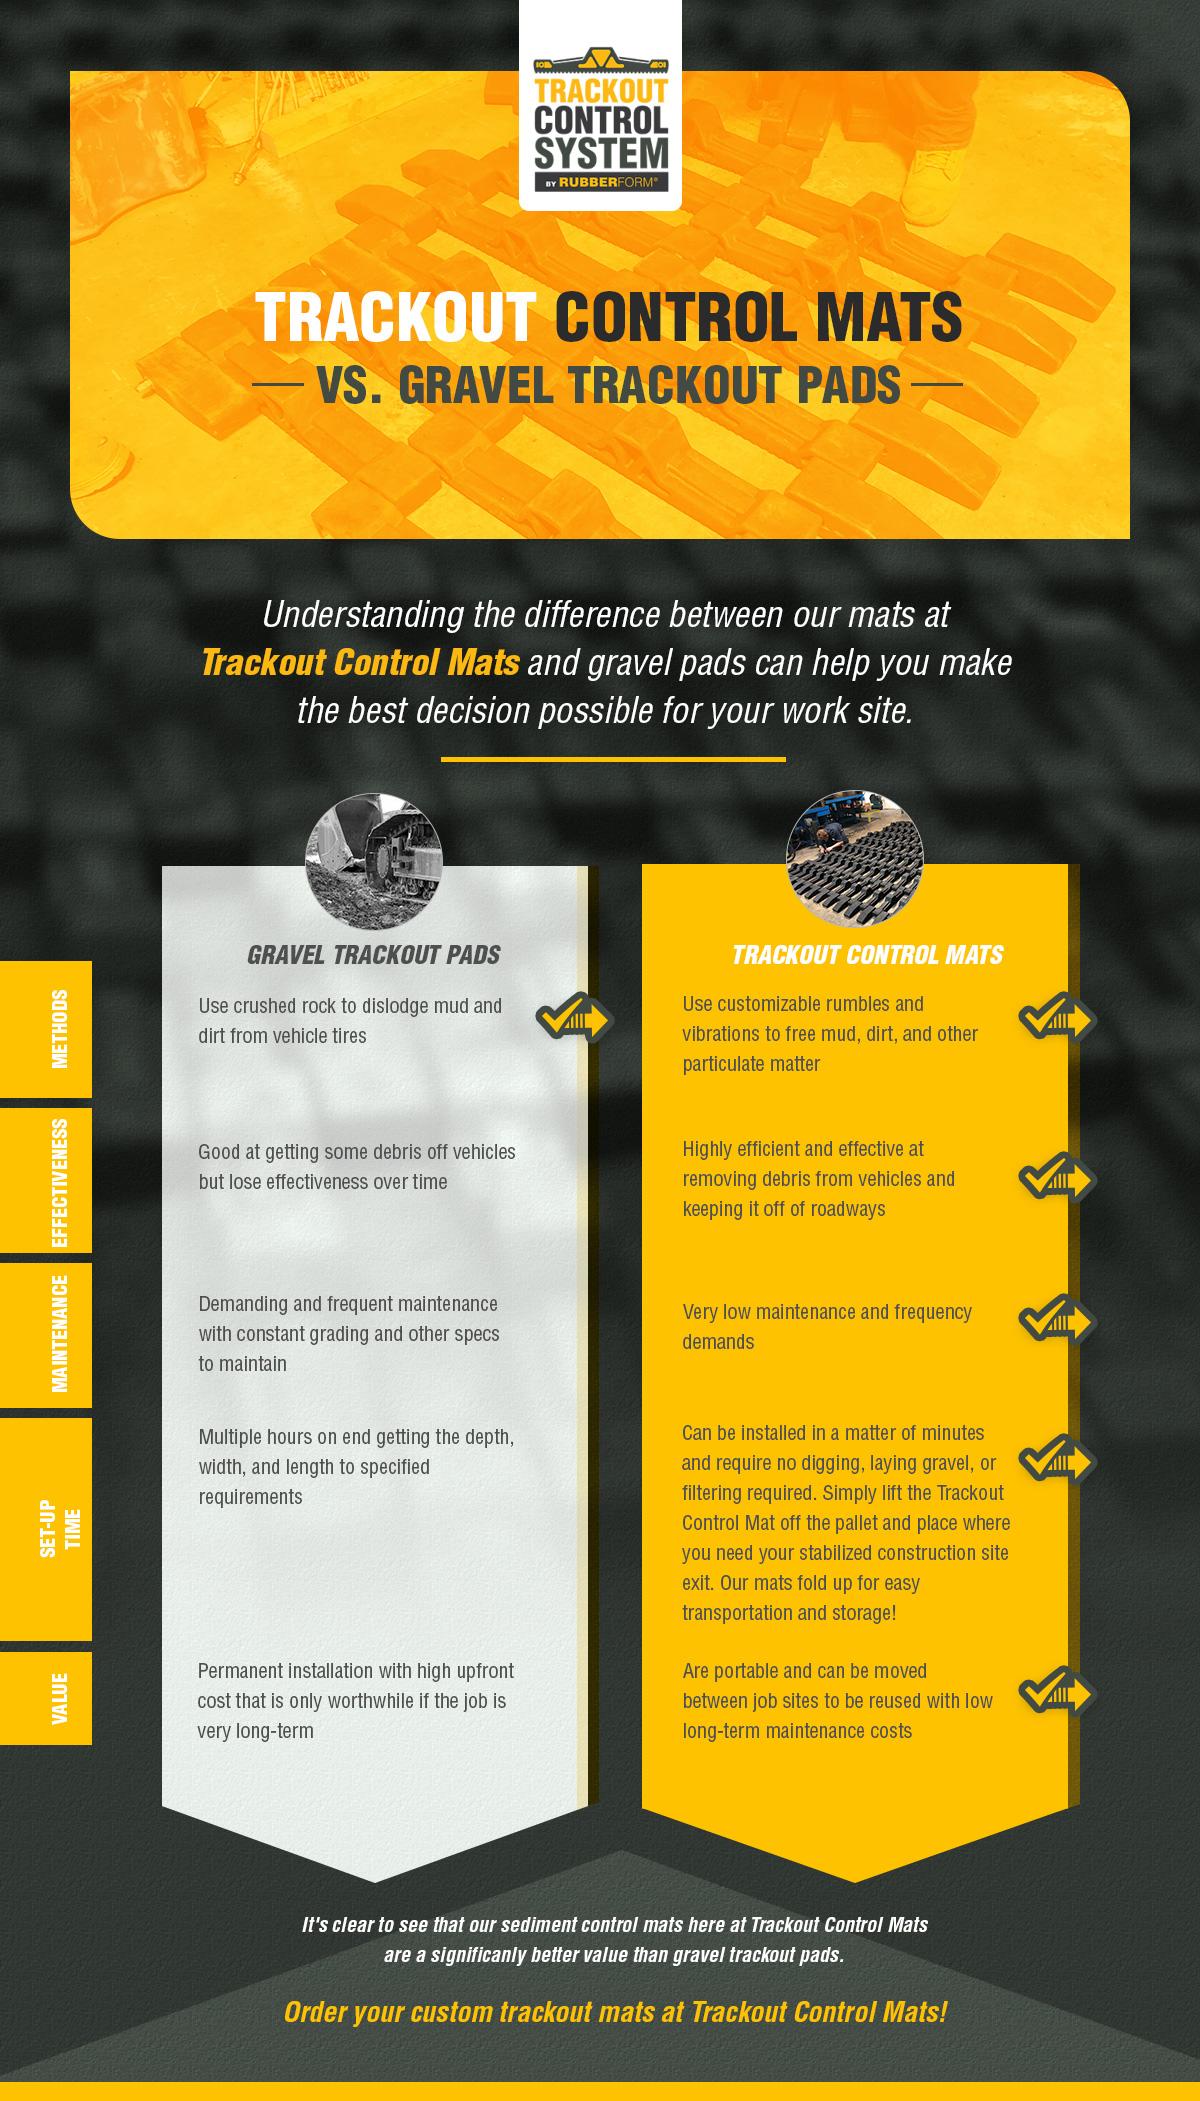 trackout vs gravel infographic